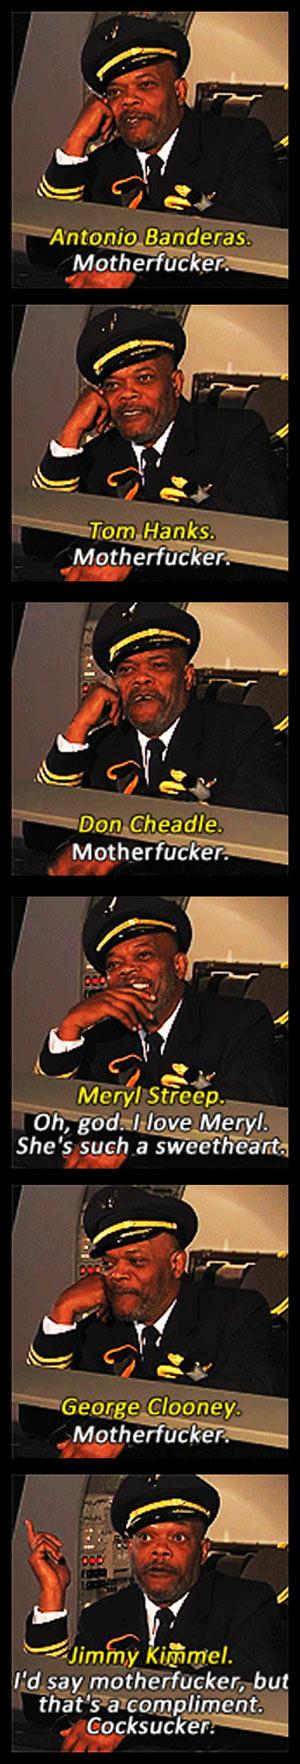 Samuel L. Jackson describes other celebrities…